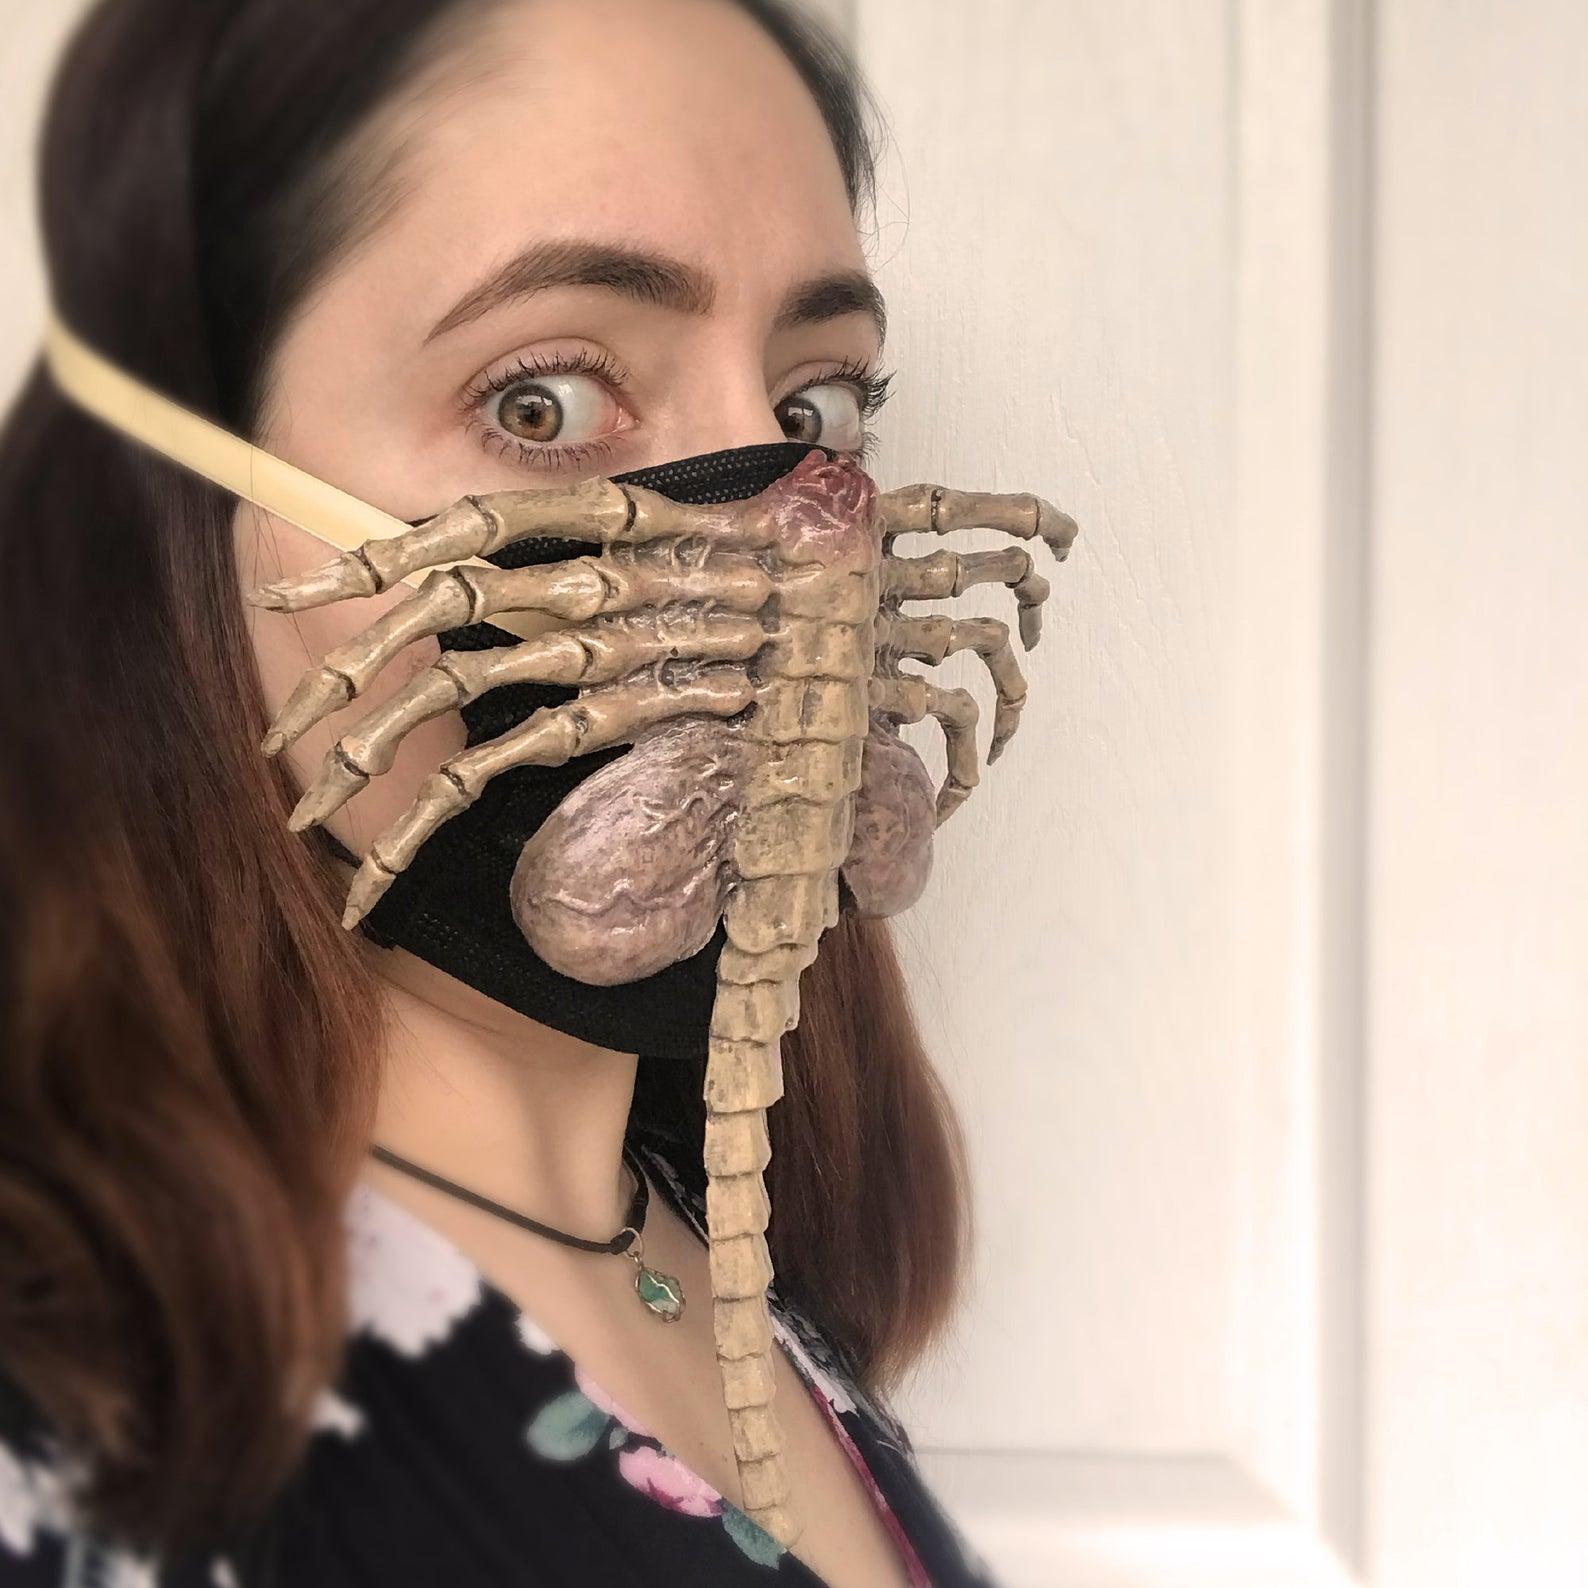 あなたの周りの密が解消される?エイリアンのフェイスハガーのマスクカバーと布マスクが販売されている件